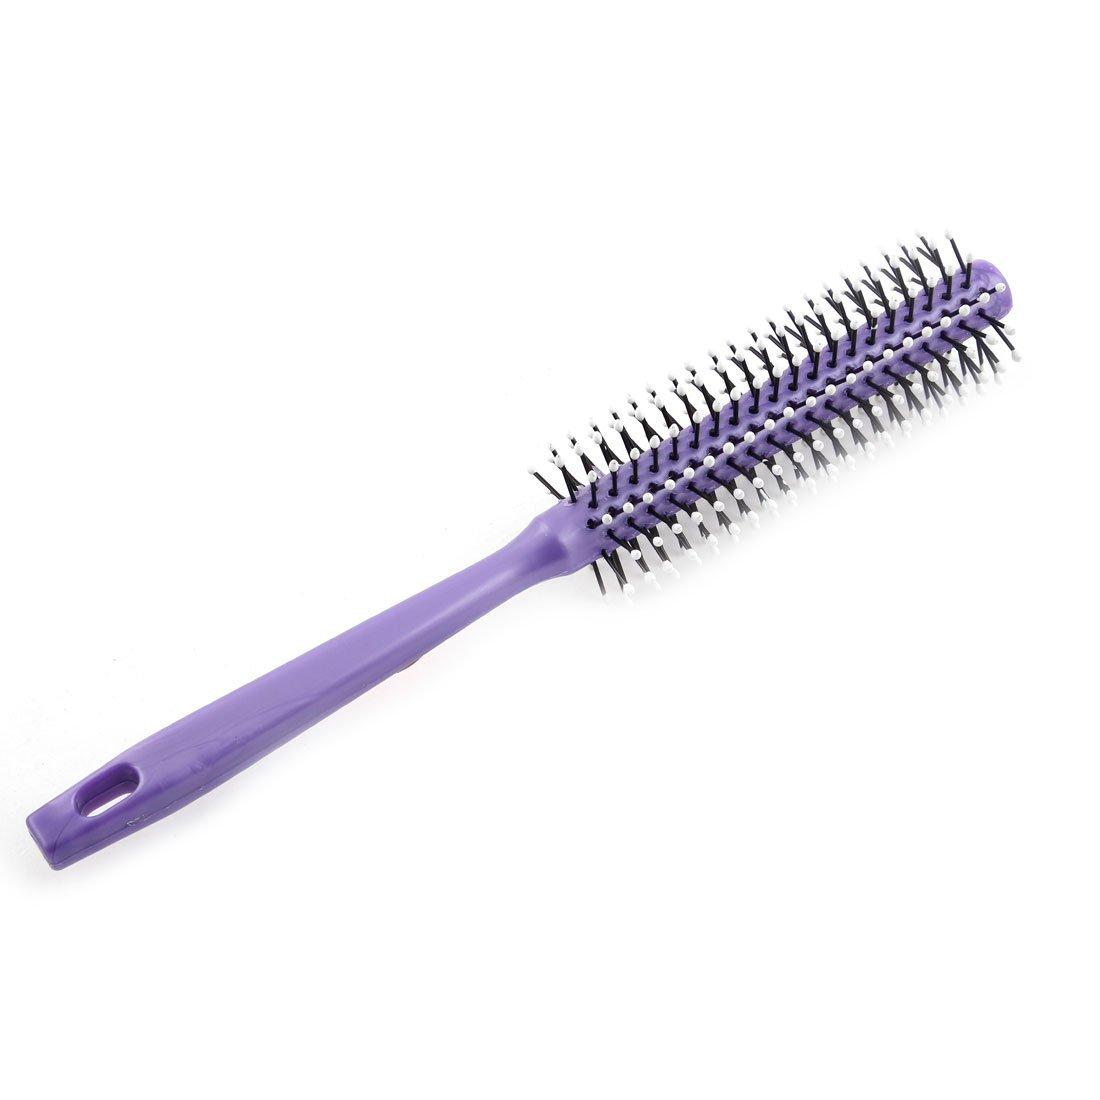 Amazon.com: Herramienta de peluquería eDealMax plástico cilíndrico de dientes anchos del Pelo ondulado de cardado del cepillo del peine: Health & Personal ...